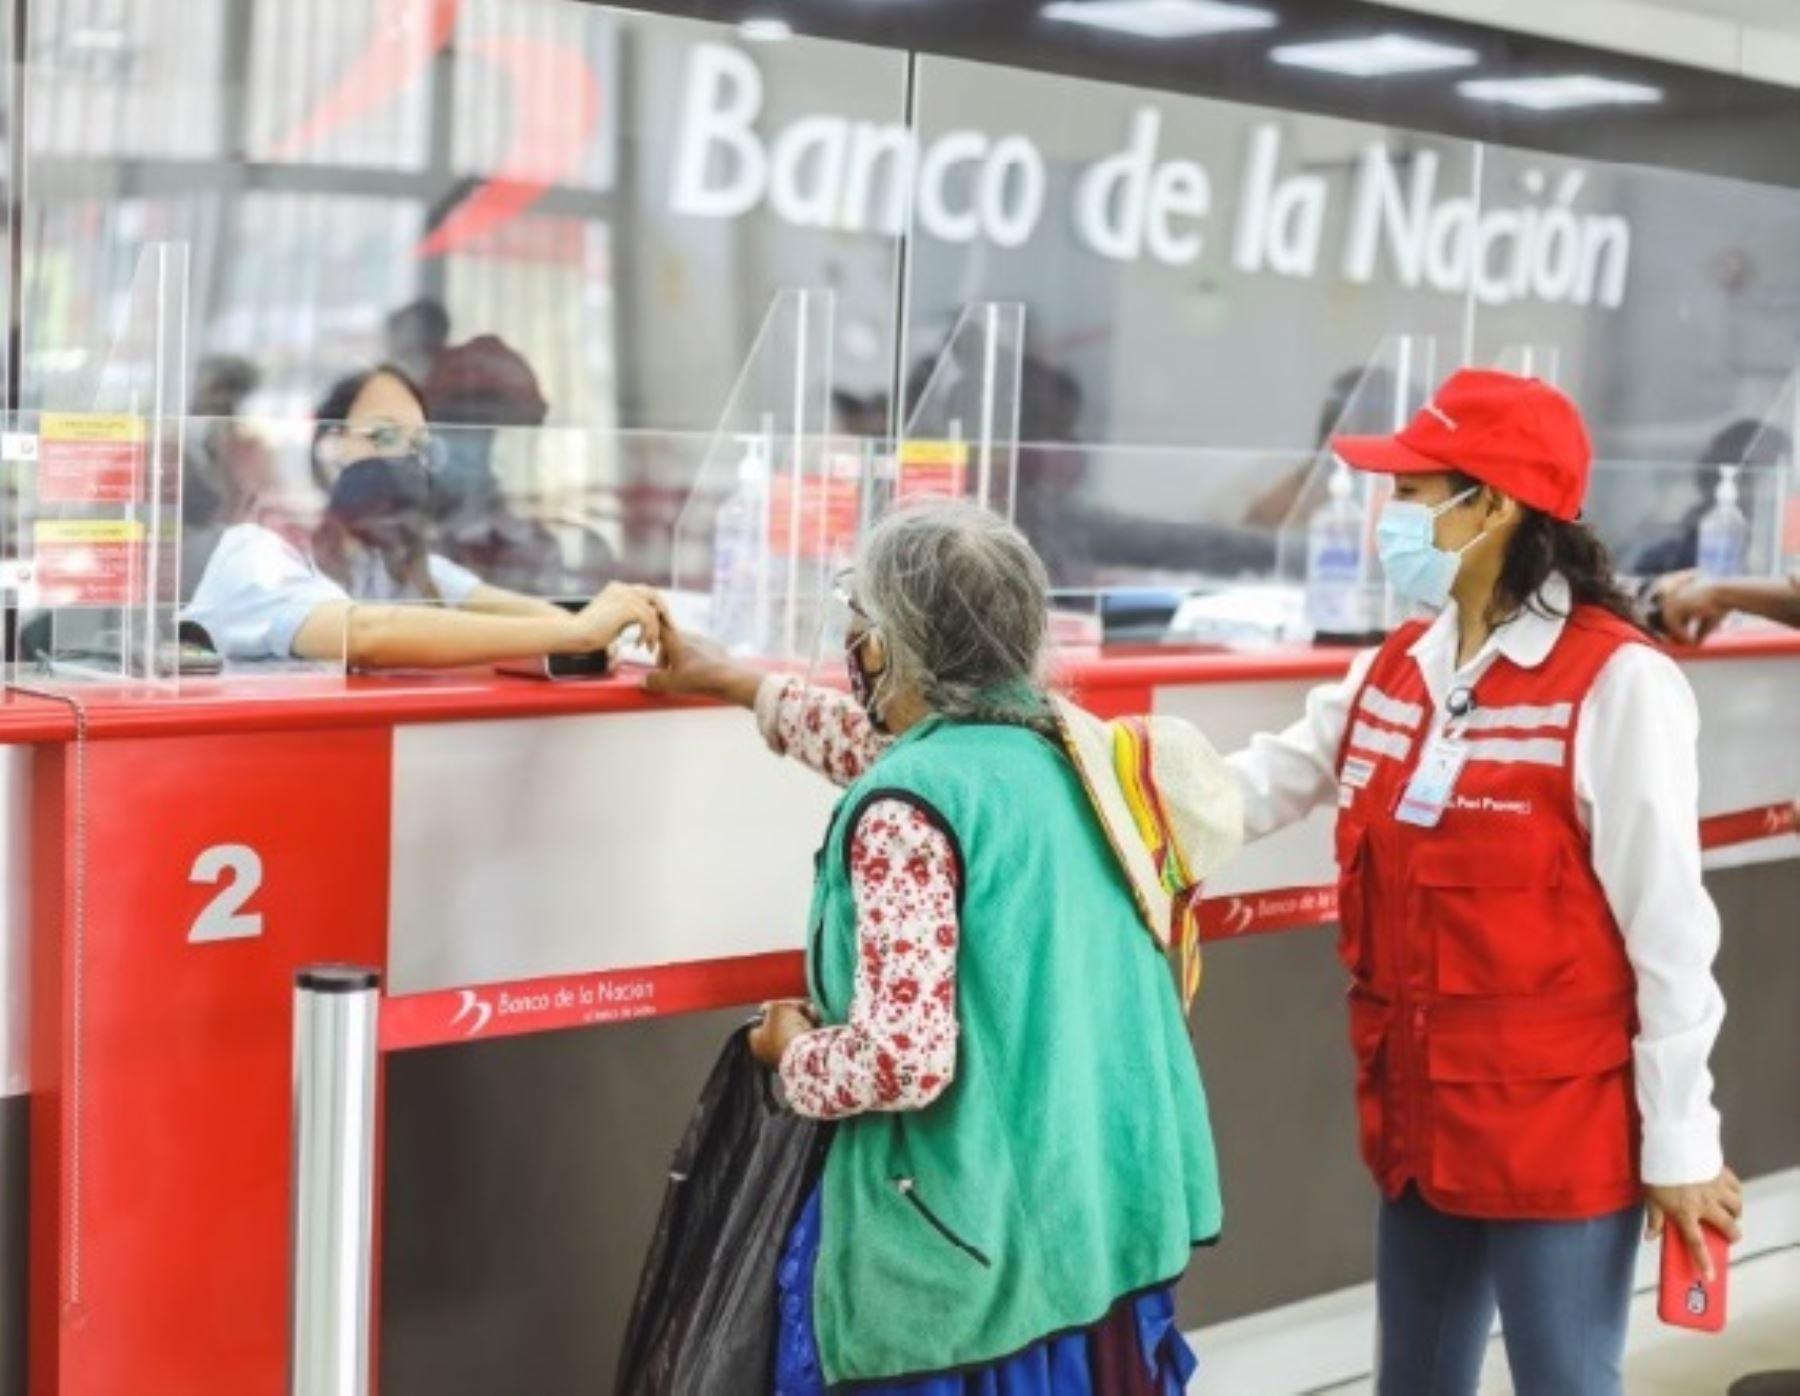 Banco de la Nación ofrece horario especial de atención desde las 6:00 horas en las 10 regiones declaradas en riesgo extremo. ANDINA/Difusión